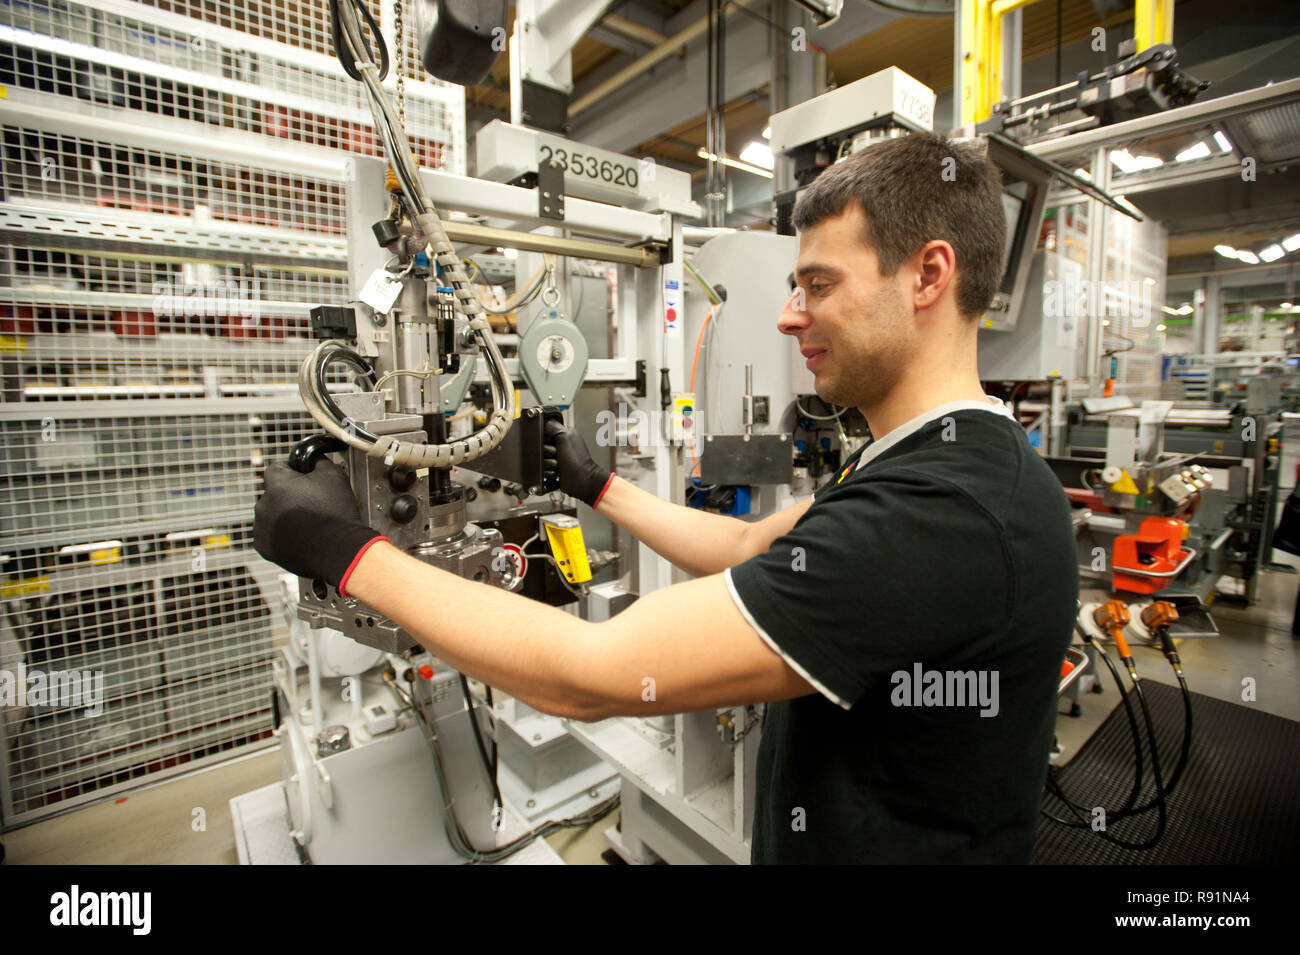 18.11.2010, Neumuenster, Schleswig-Holstein, Germany - Die Firma Sauer-Danfoss in Neumuenster stellt ein neues Konzept fuer die Personalplanung mit ae - Stock Image